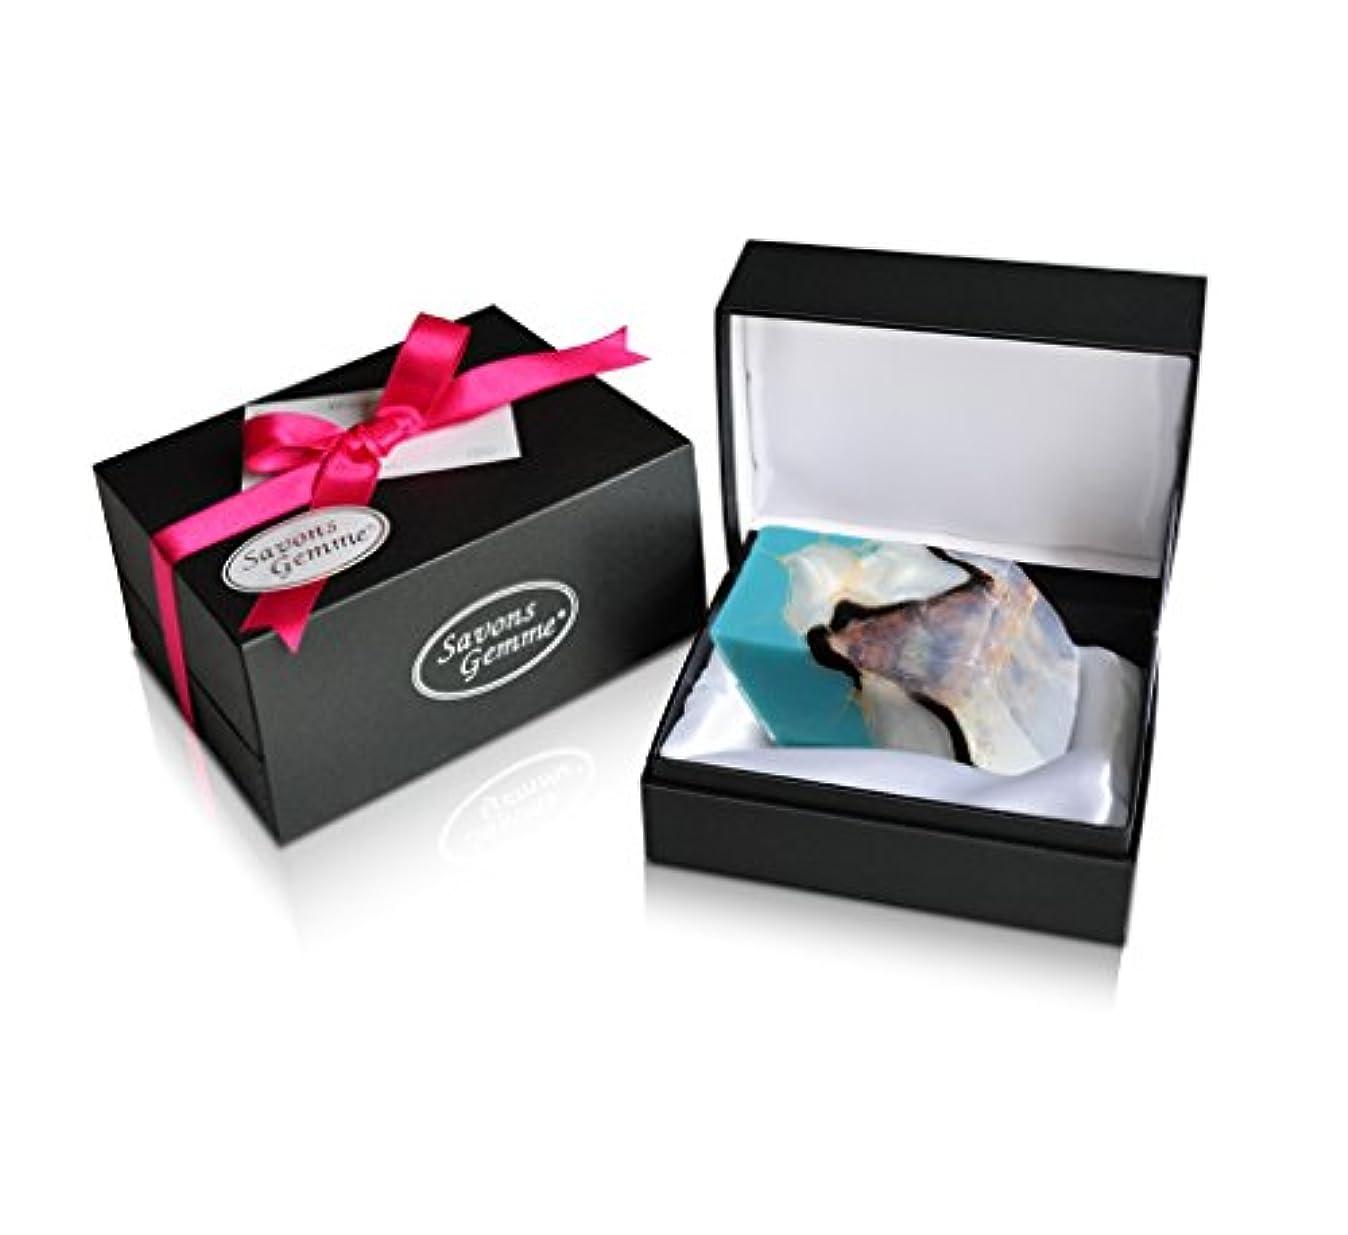 ホールド敏感な概してSavons Gemme サボンジェム ジュエリーギフトボックス 世界で一番美しい宝石石鹸 フレグランス ソープ ターコイズ 170g